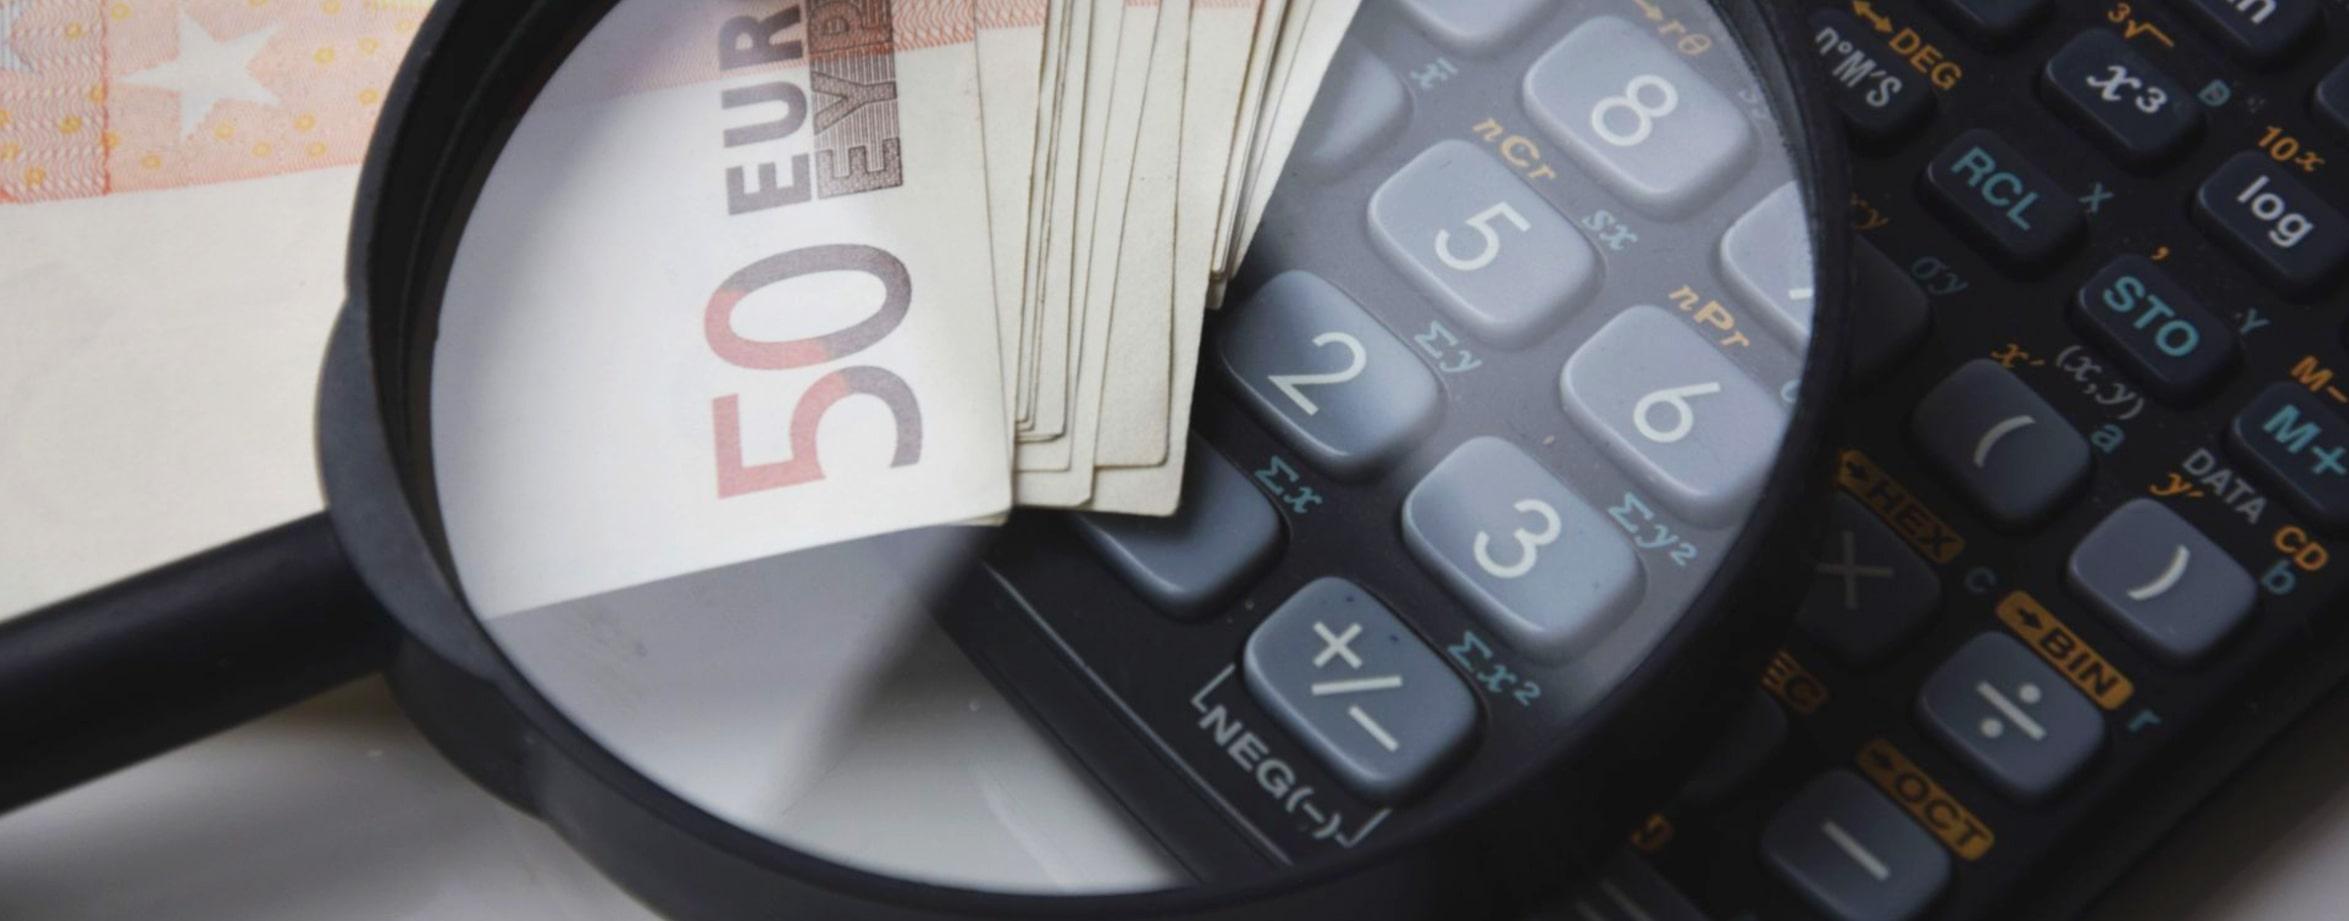 Voor personen die naar Nederland immigreren dan wel remigreren of uit Nederland emigreren geldt dat zij met betrekking tot dat jaar een ander soort aangifte inkomstenbelasting dienen in te vullen, het zogenoemde M-biljet.